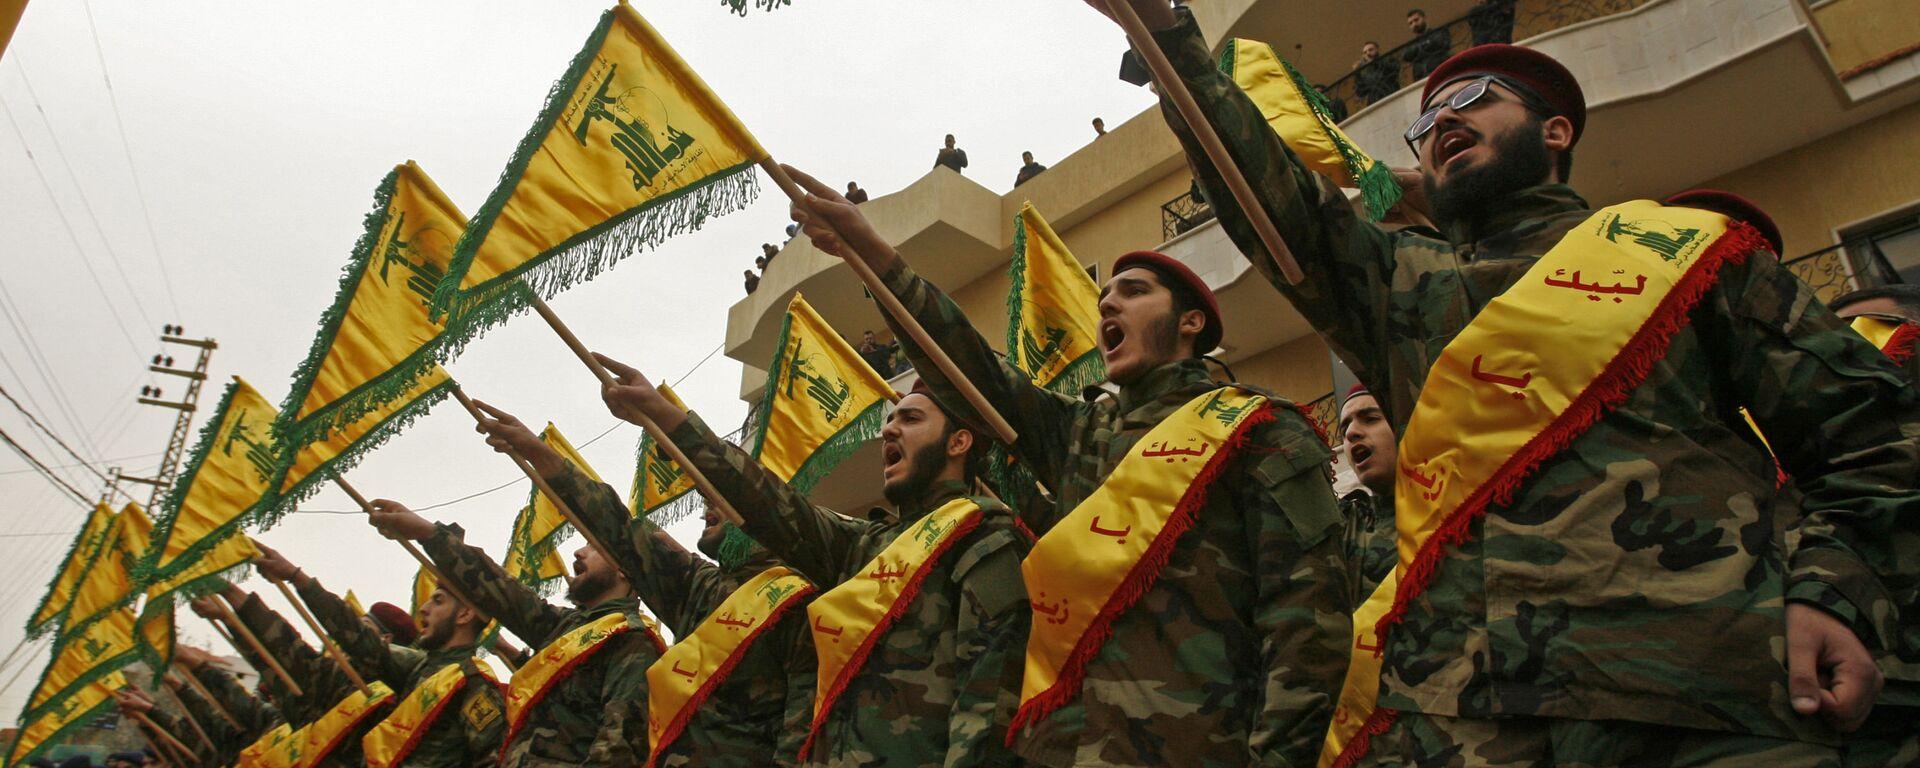 Тајна успеха Хезболаха несумњиво лежи у подршци коју добија од Ирана. Управо су Чувари Исламске револуције били ти који су помогли оснивање покрета, обуку војника и њихово наоружавање. Управо новцем Техерана Хезболах данас гради болнице и школе по Либану које су јефтиније од државних и даје стипендије студентима. Најнижи сталеж је његова највећа потпора. Покрет има своју телевизију, радио, хотеле, грађевинске компаније, итд. - Sputnik Србија, 1920, 26.05.2021